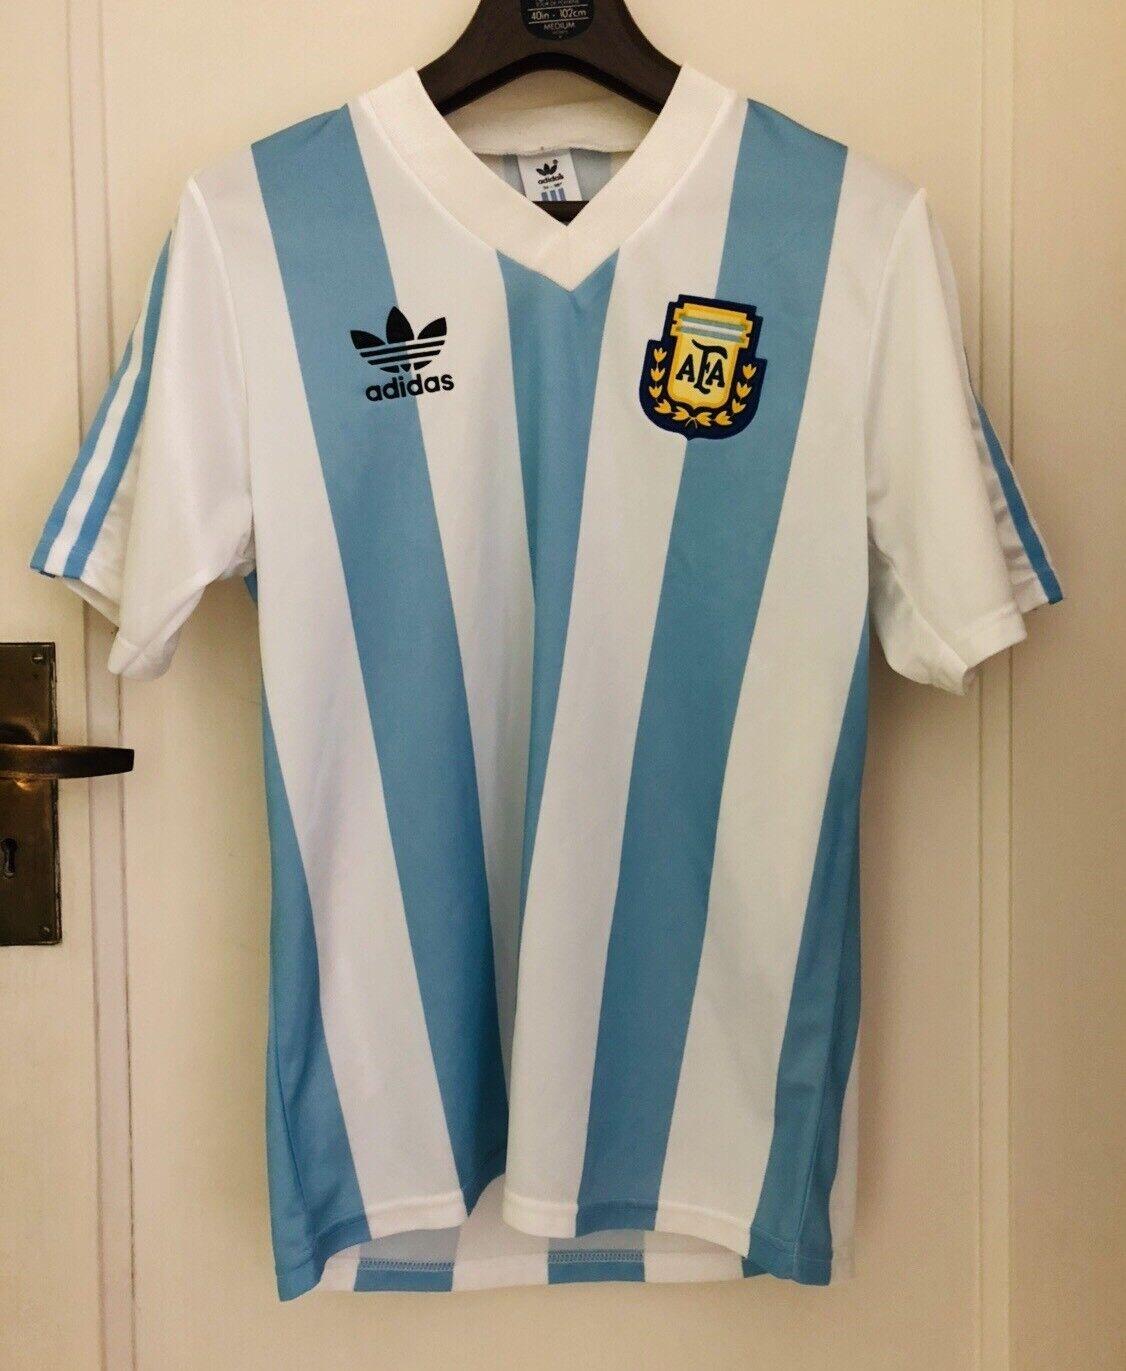 Vintage, Viejo & Raro Adidas plataina Fútbol Camiseta Top-hecho en 1991